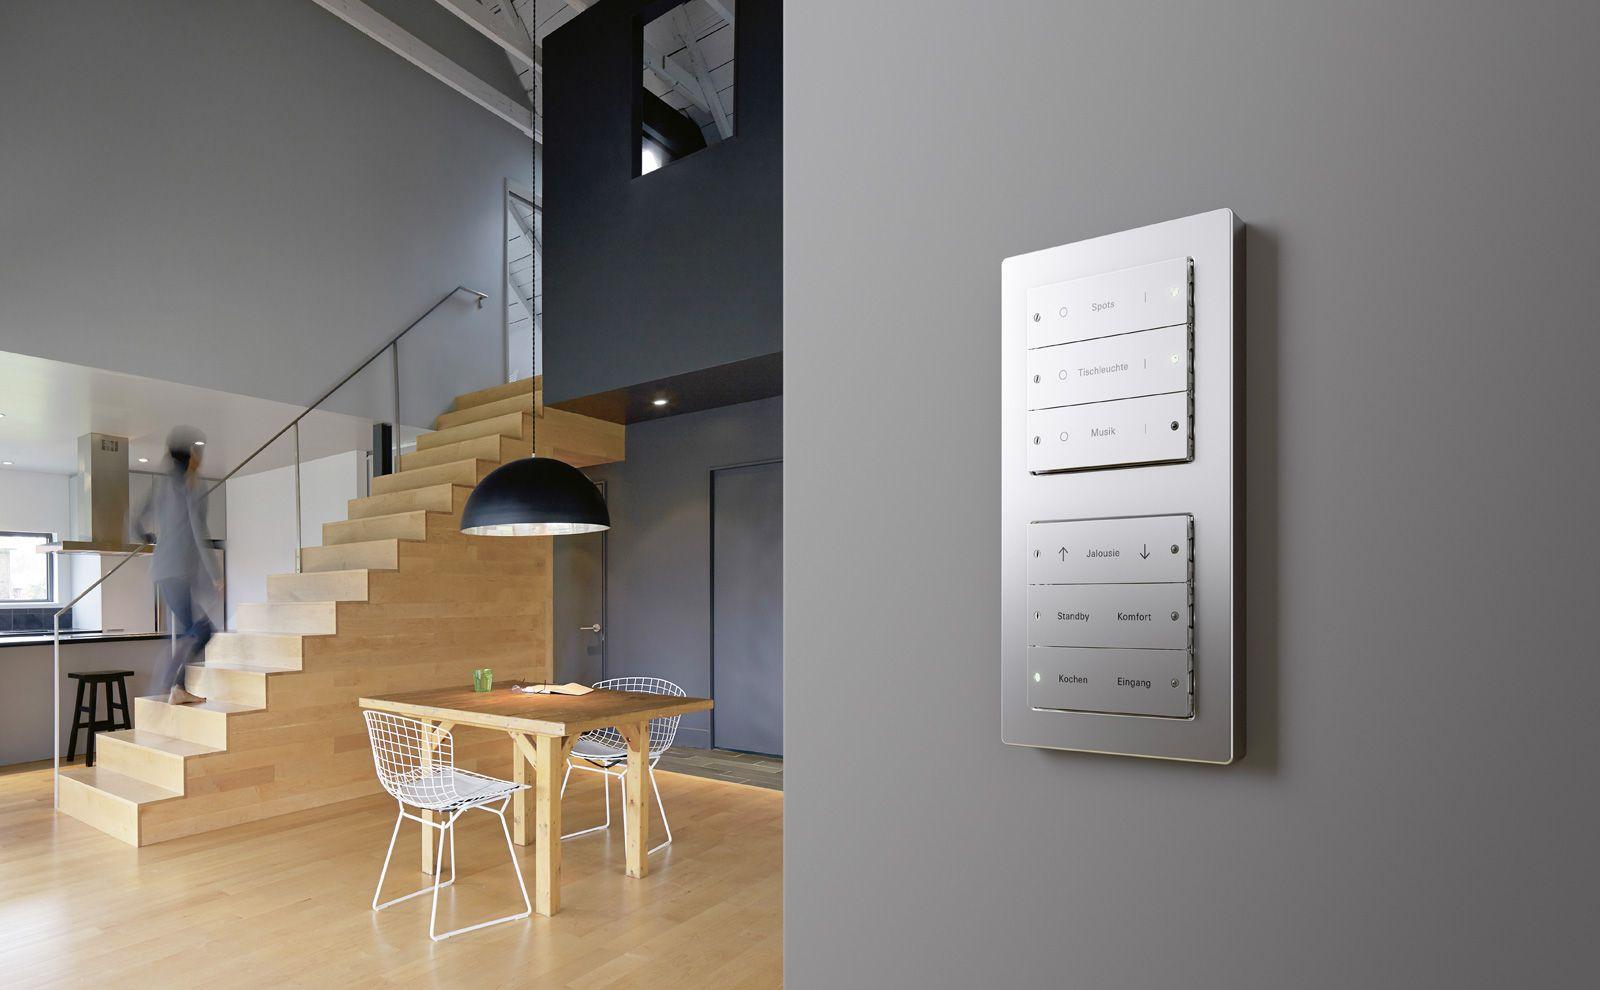 Gira KNX Tastsensor 3 Metall im Haus